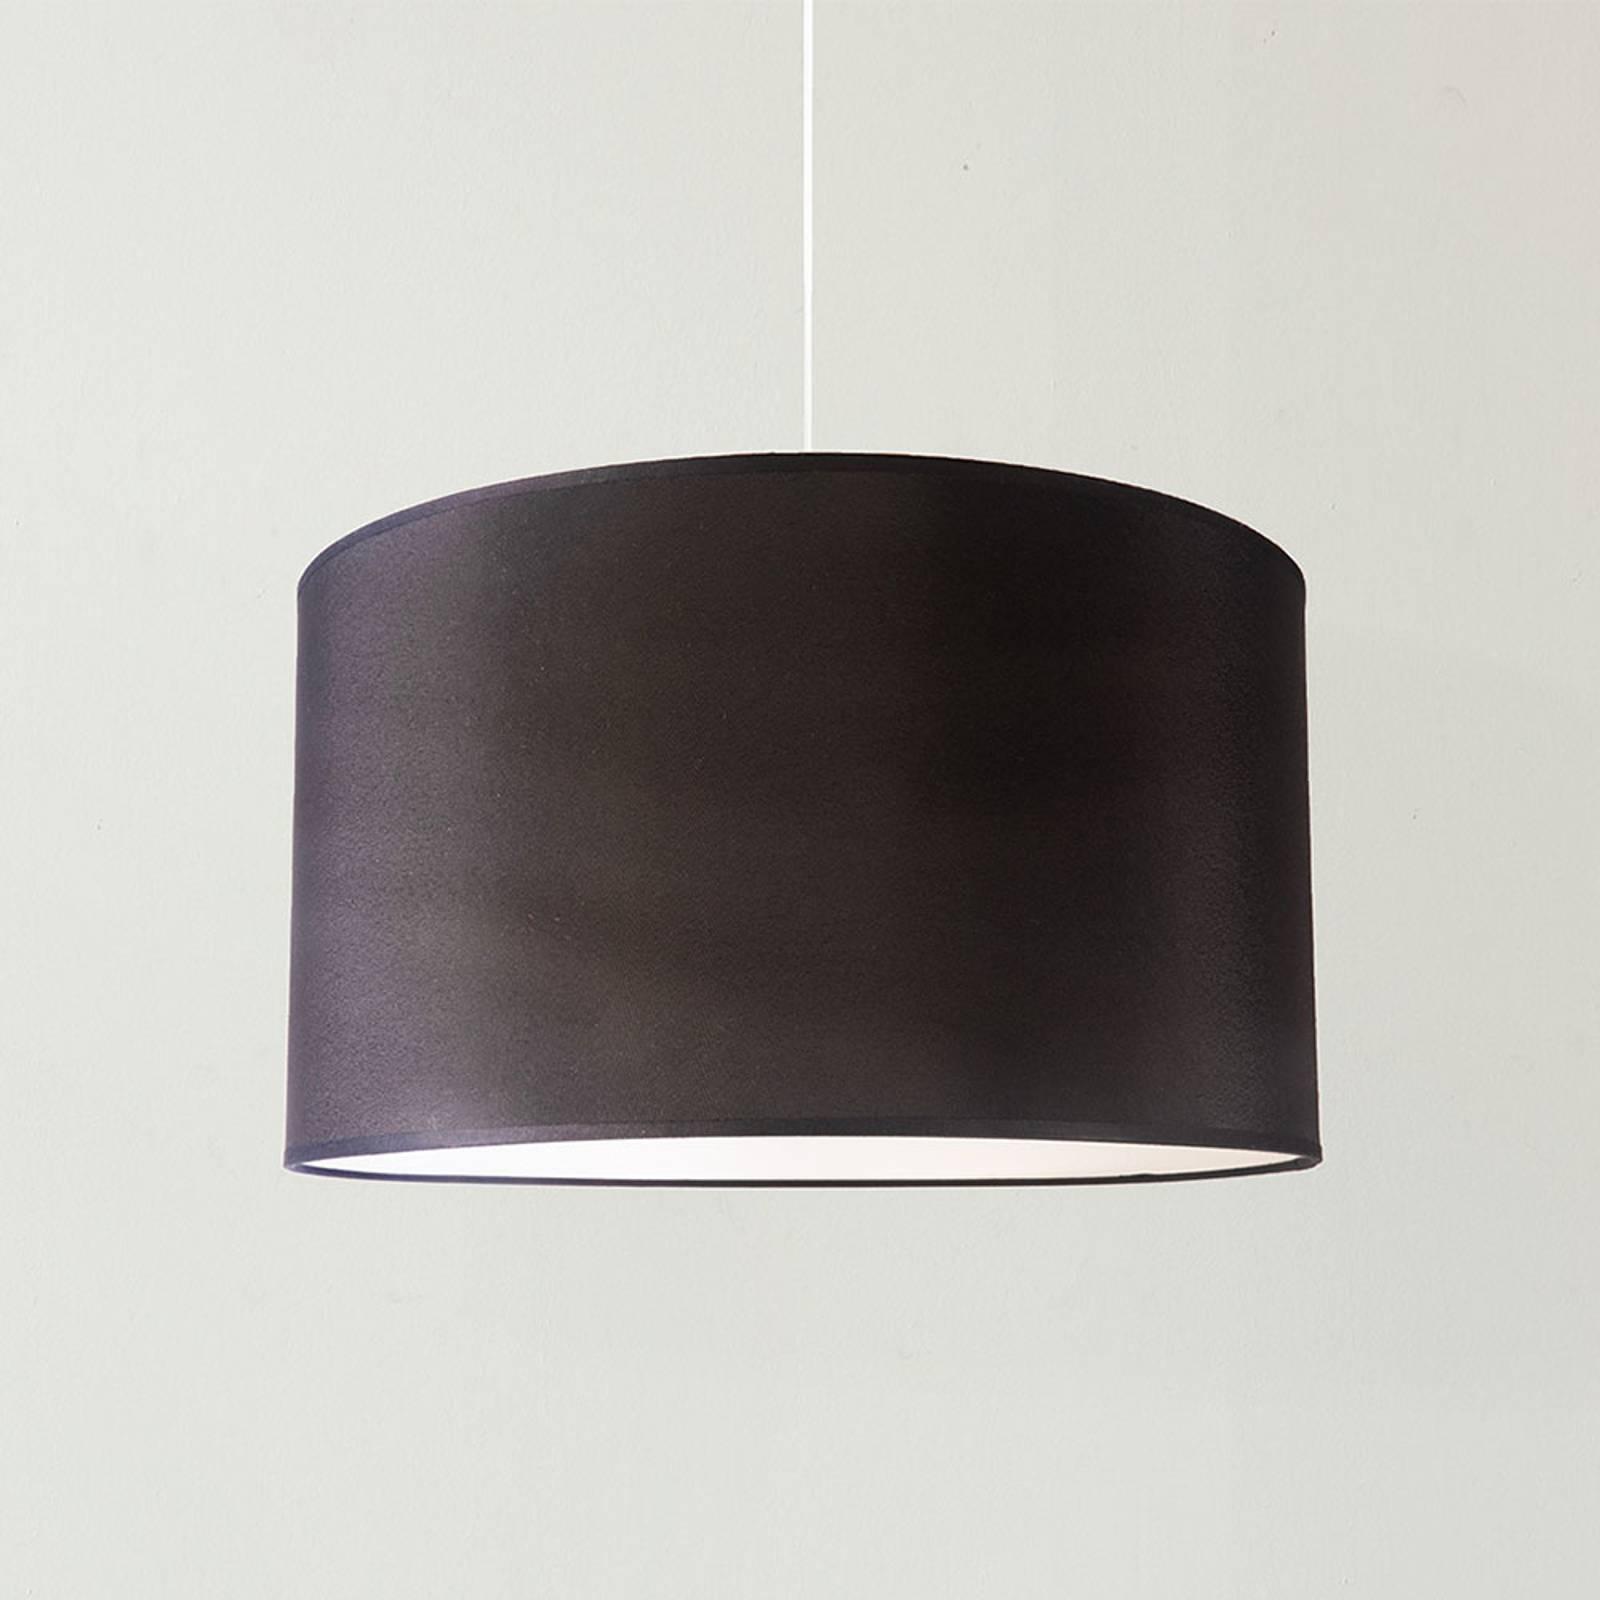 Hängeleuchte Dorset aus Textil, schwarz